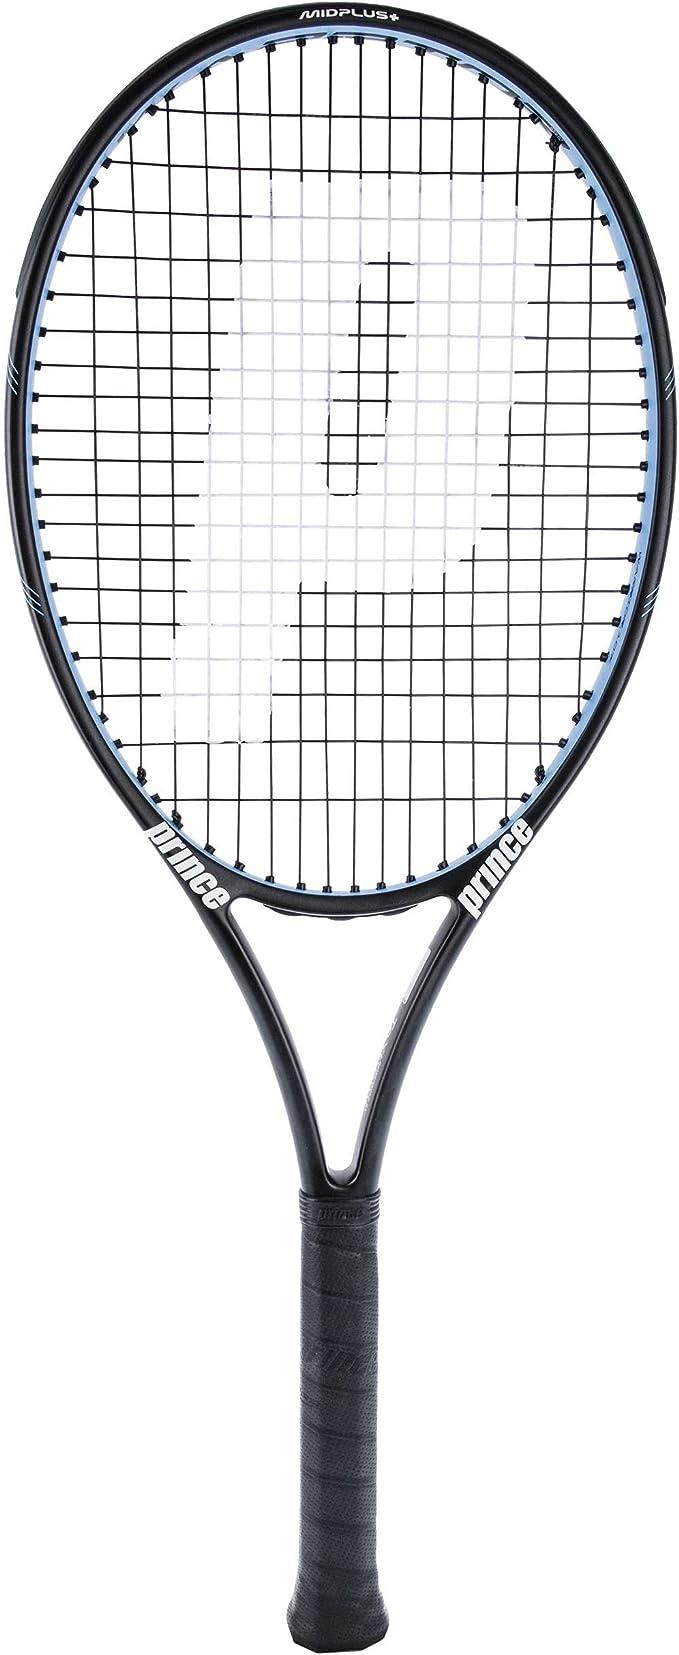 Tennis racchetta Price